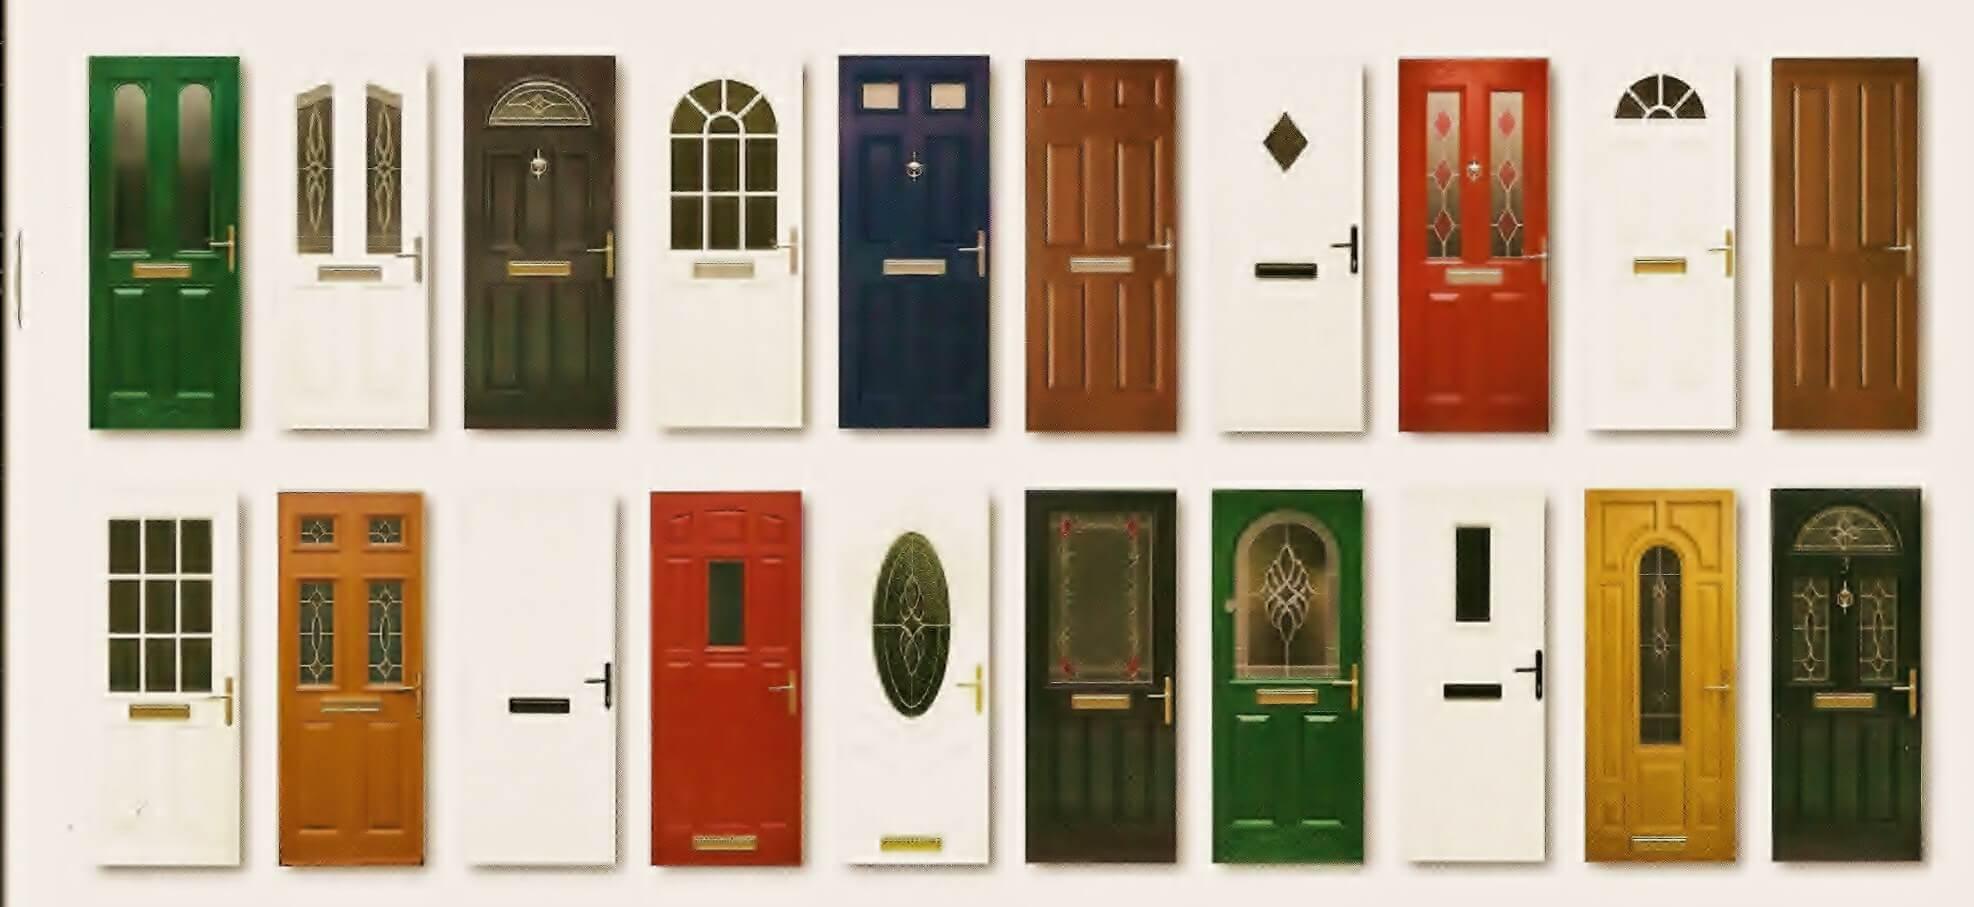 Når du bygger et hus regnes døra som den siste finpussen som gjør huset ferdig